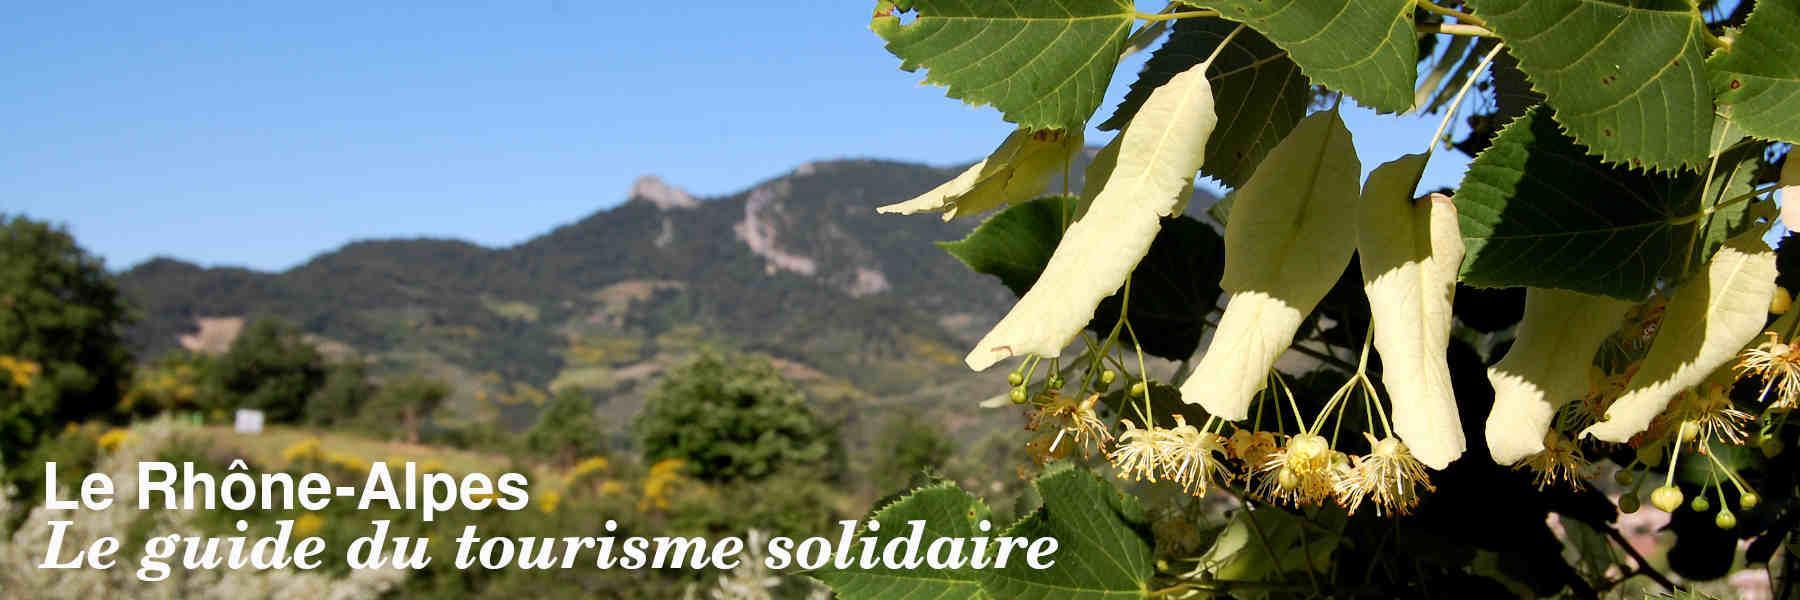 Le guide du tourisme solidaire en Rhône-Alpes